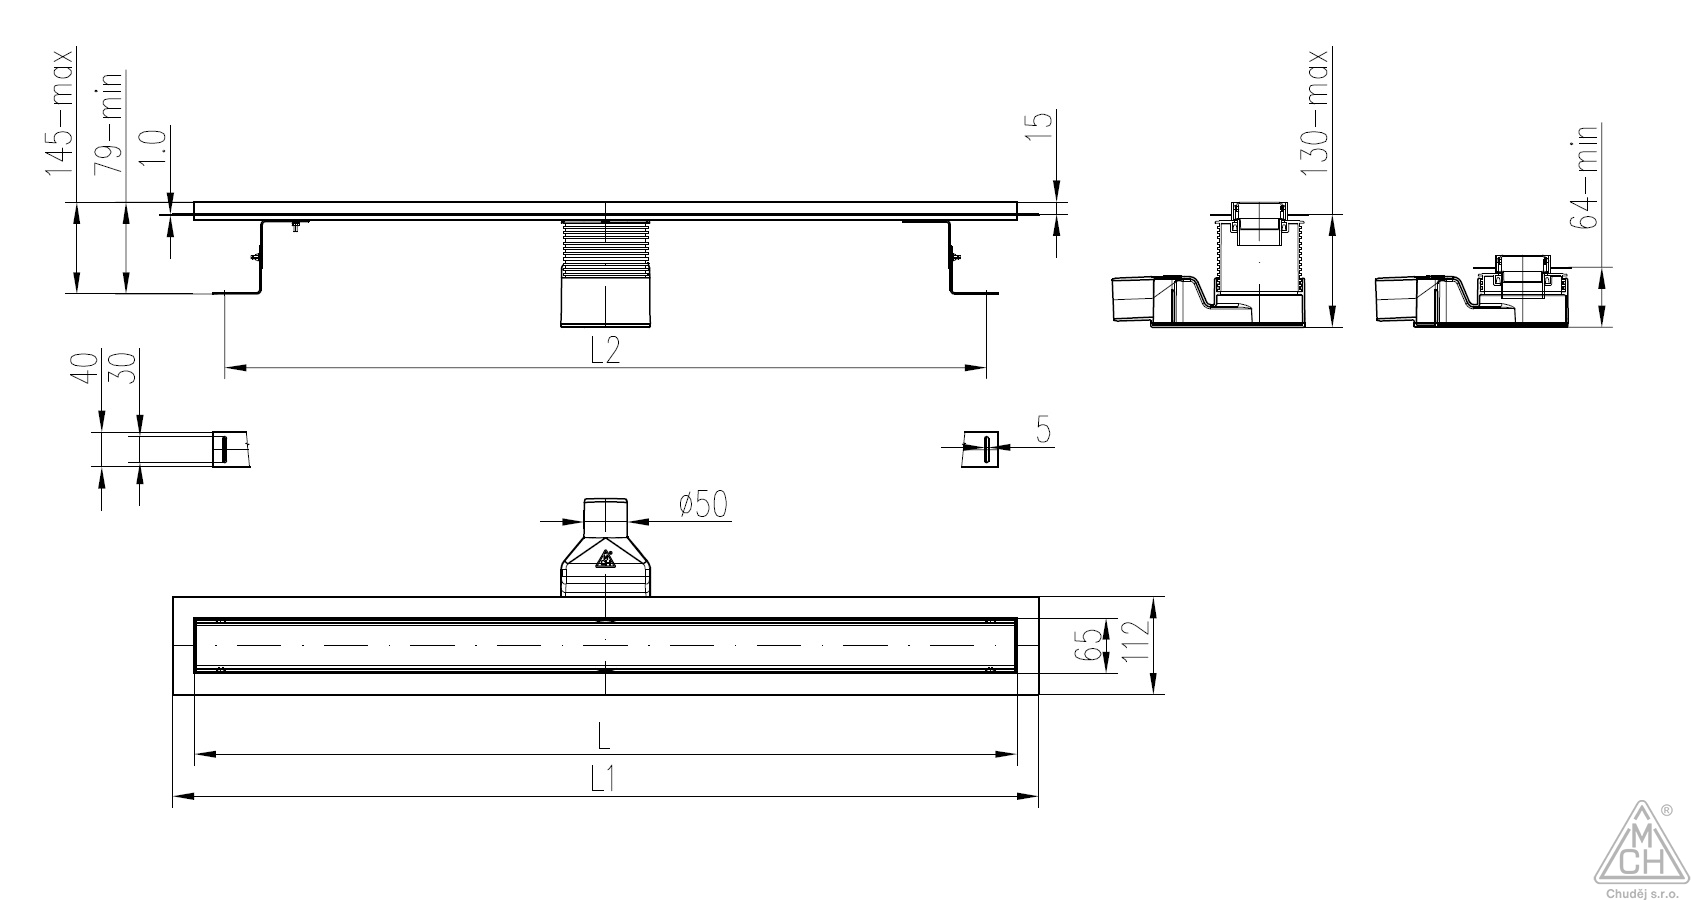 Odtokový žlab celonerezový s výškově stavitelným otočným sifonem D50